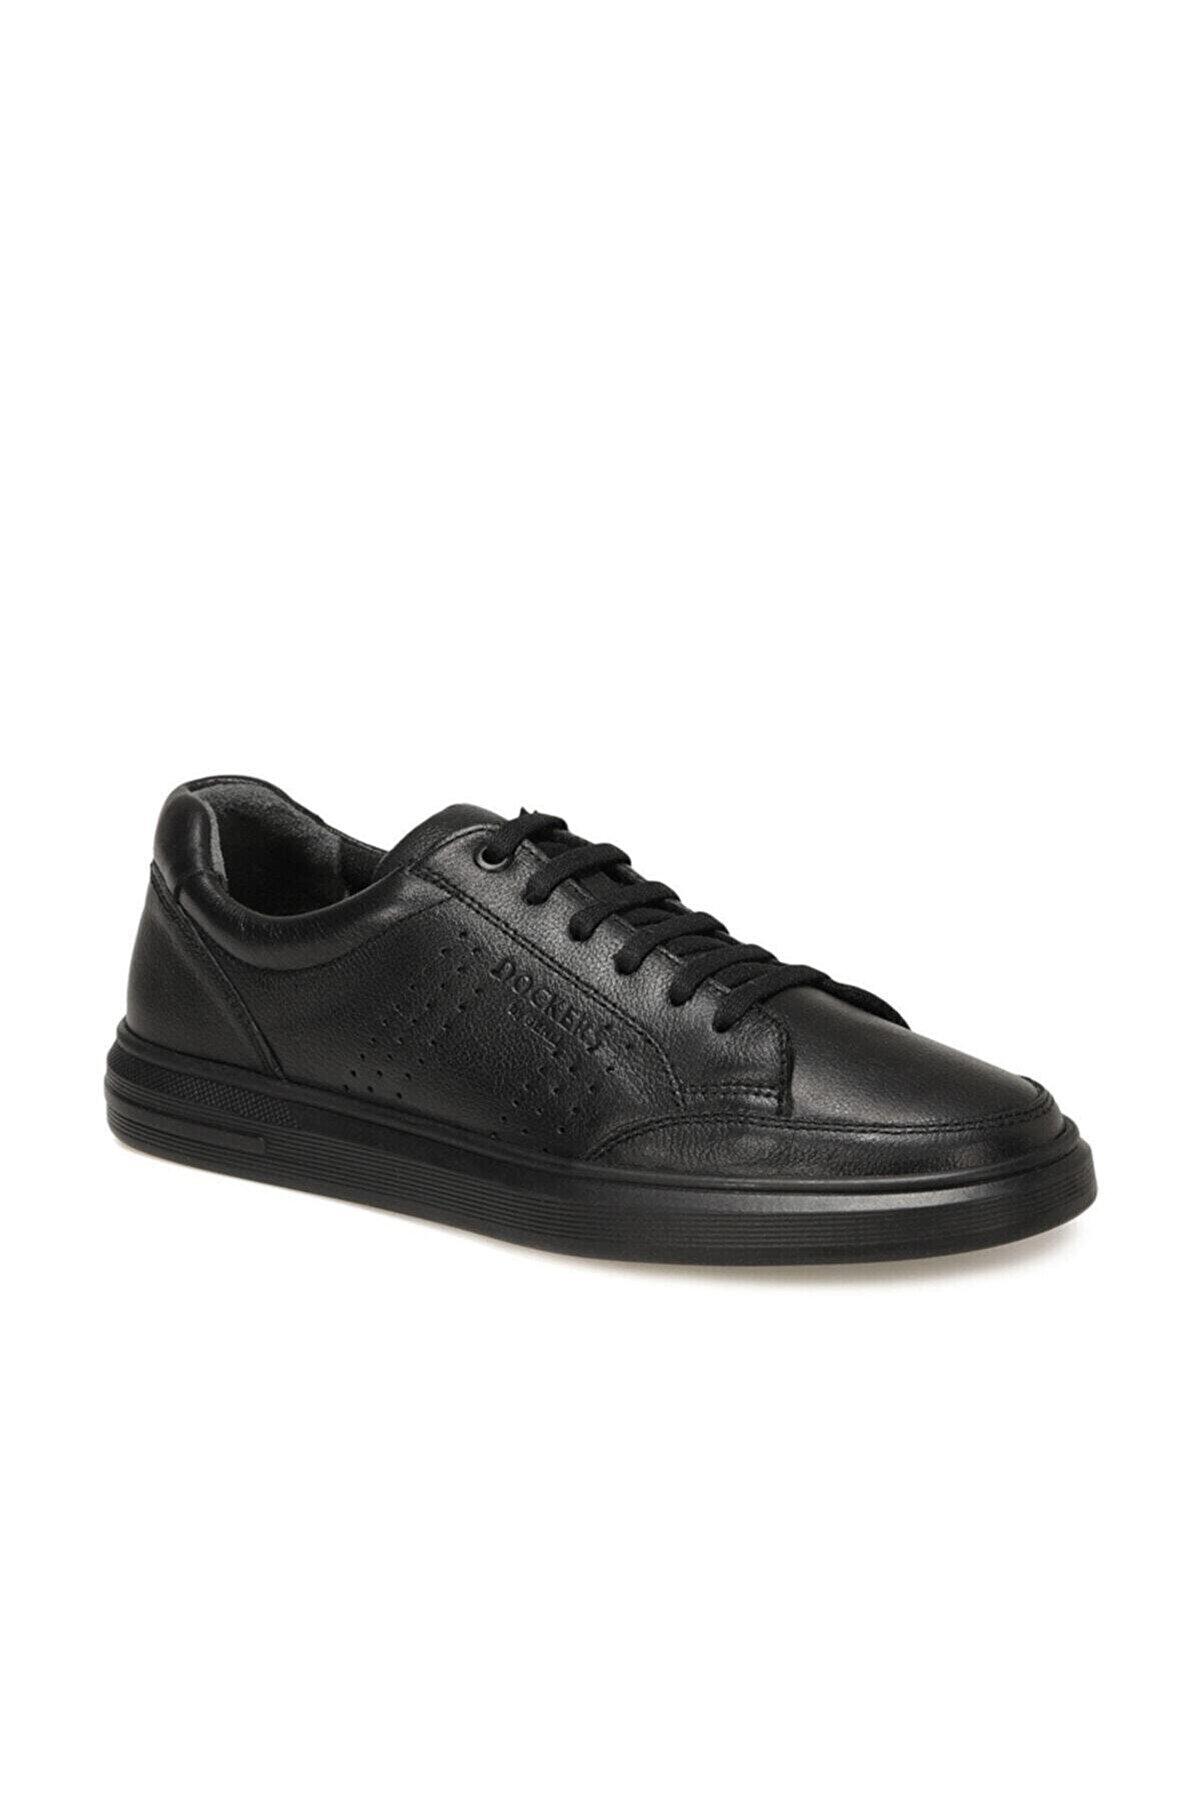 Dockers 230505 Siyah Erkek Ayakkabı 100587516